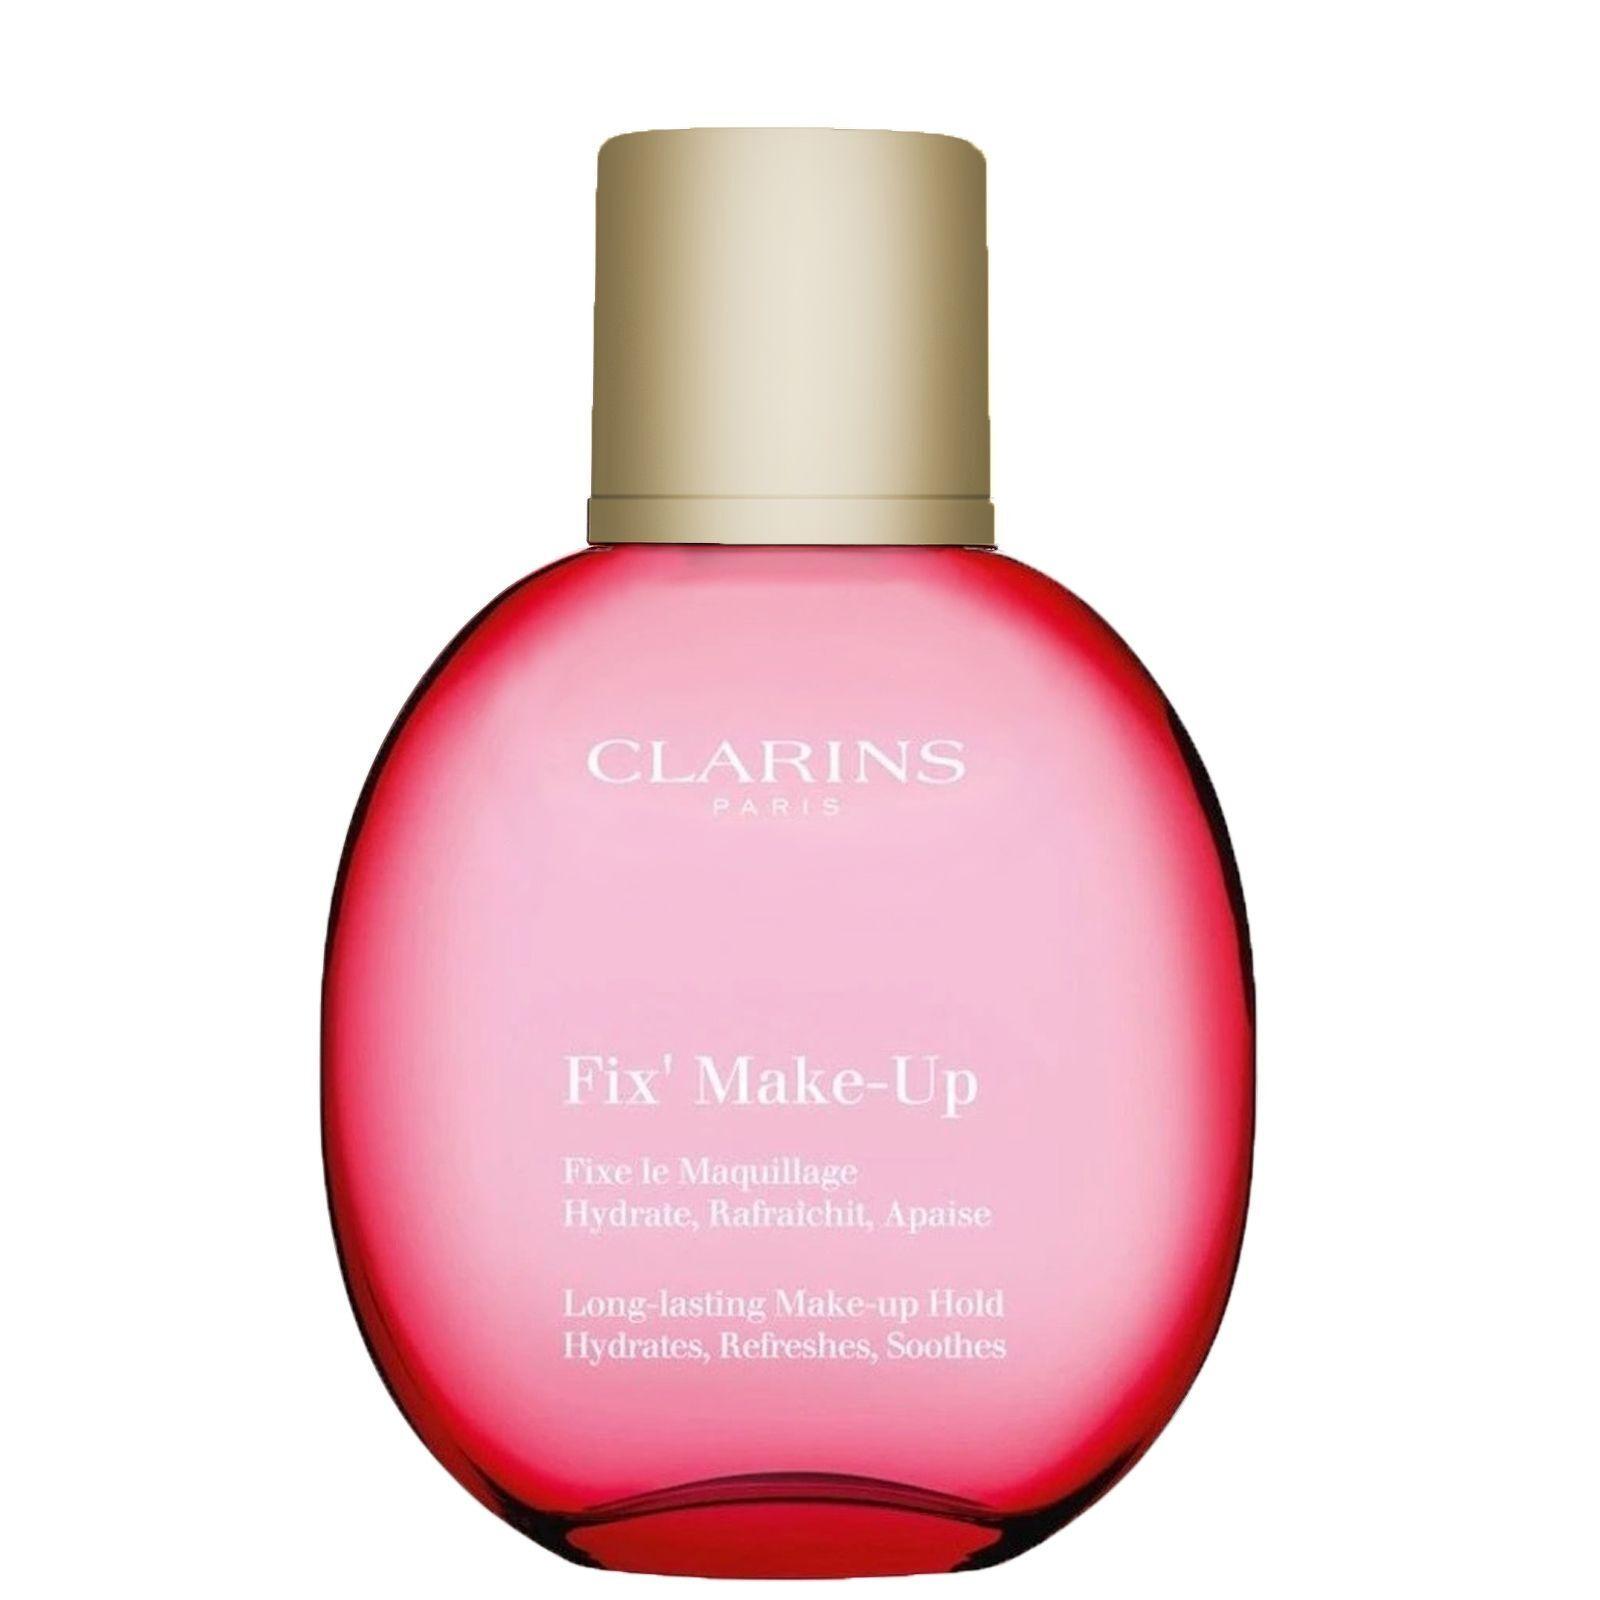 Clarins - Fix Make-Up 50ml / 1.7 fl.oz. for Women